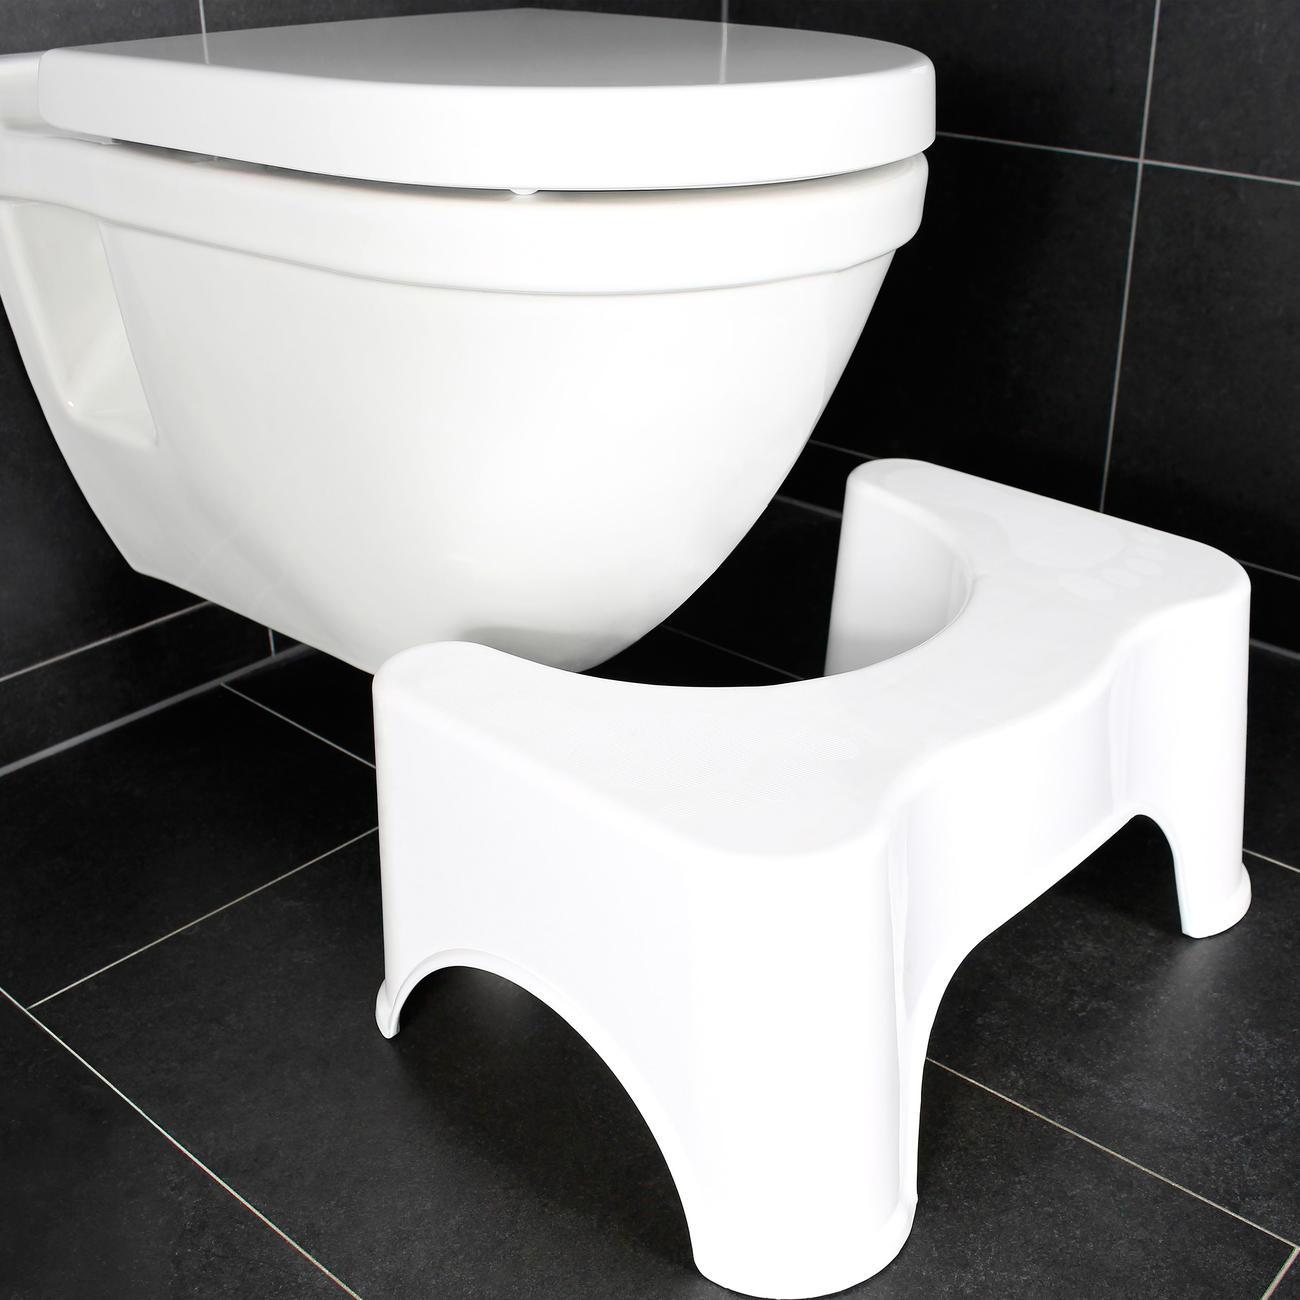 tabouret physiologique pour toilette pas cher pro idee. Black Bedroom Furniture Sets. Home Design Ideas